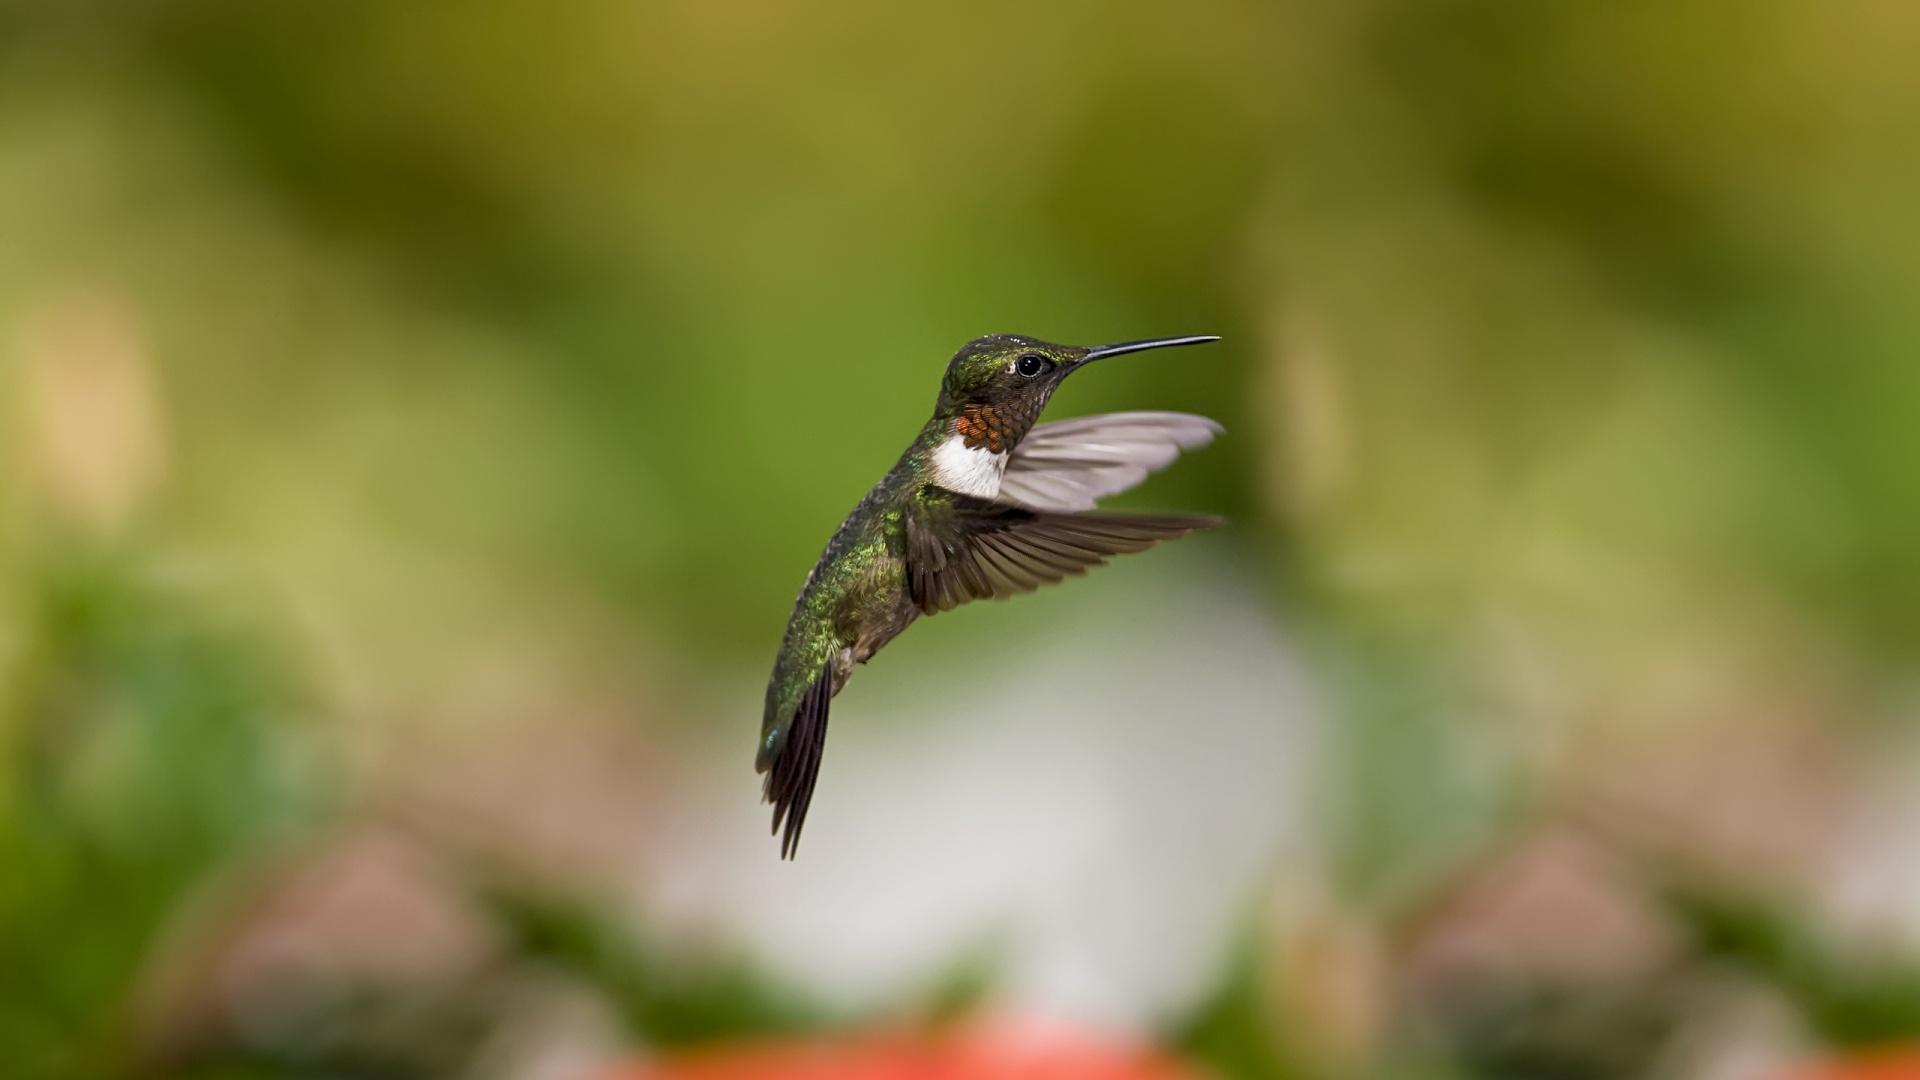 hummingbird wallpaper 19954